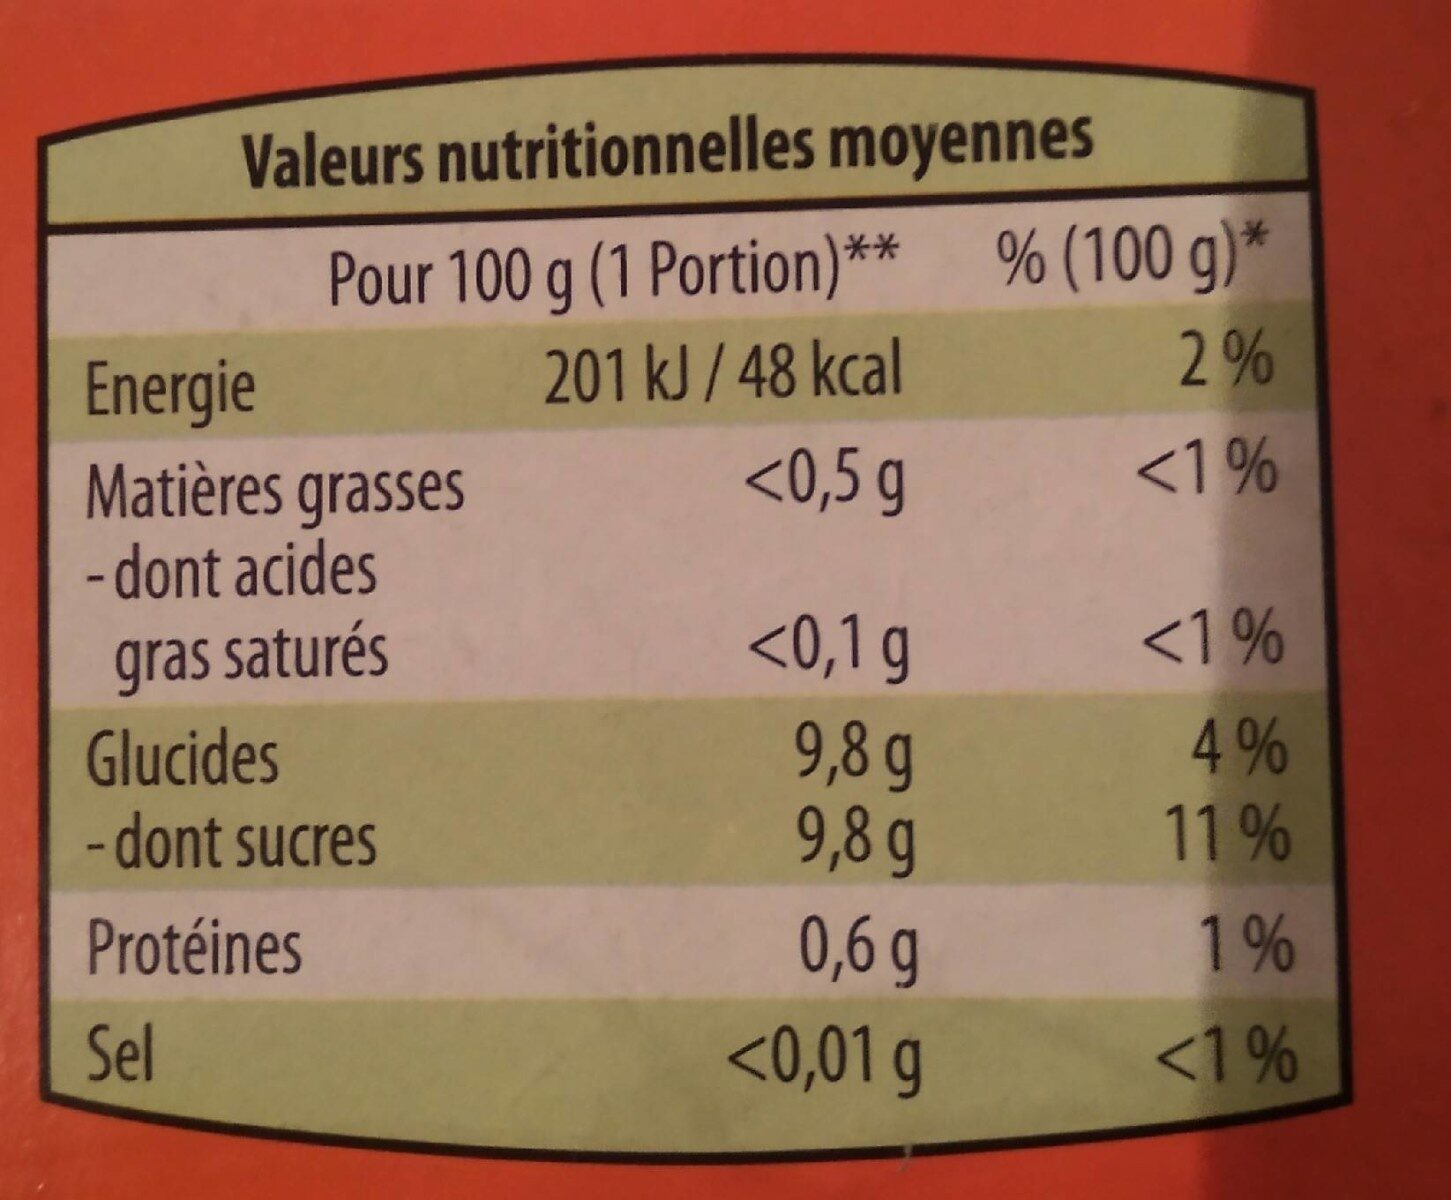 Purée de fruits pomme pêche abricot - Nutrition facts - fr